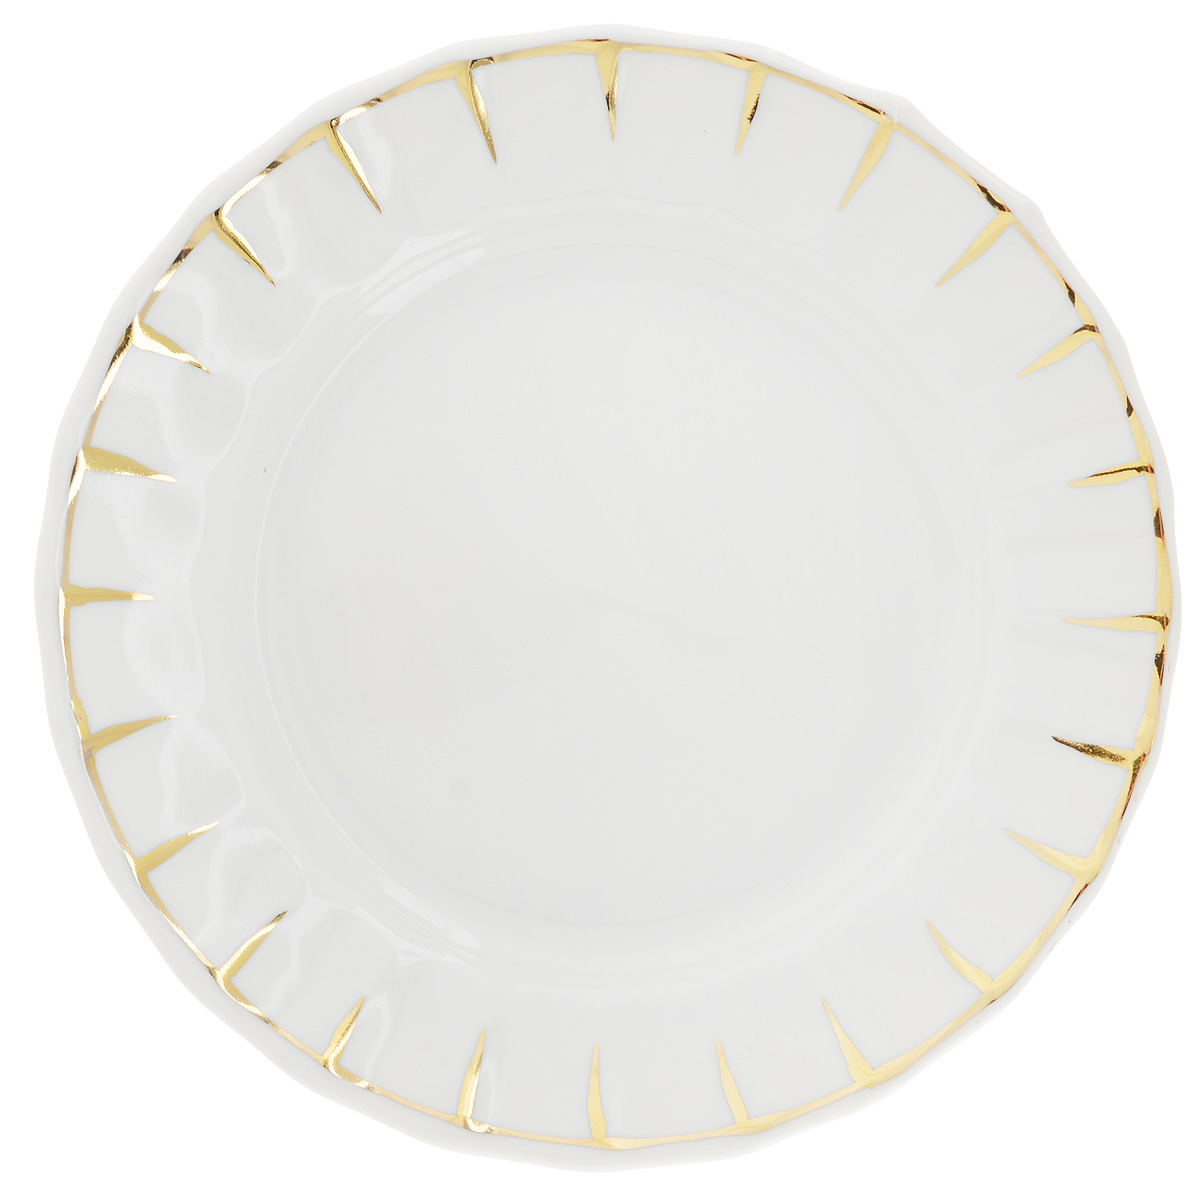 Тарелка Фарфор Вербилок Солнечный дождь, диаметр 17,5 см22465000Тарелка Фарфор Вербилок Солнечный дождь, изготовленная из высококачественного фарфора, имеет классическую круглую форму. Она прекрасно впишется в интерьер вашей кухни и станет достойным дополнением к кухонному инвентарю. Тарелка Фарфор Вербилок Солнечный дождь подчеркнет прекрасный вкус хозяйки и станет отличным подарком.Диаметр тарелки (по верхнему краю): 17,5 см.Высота тарелки: 2,5 см.